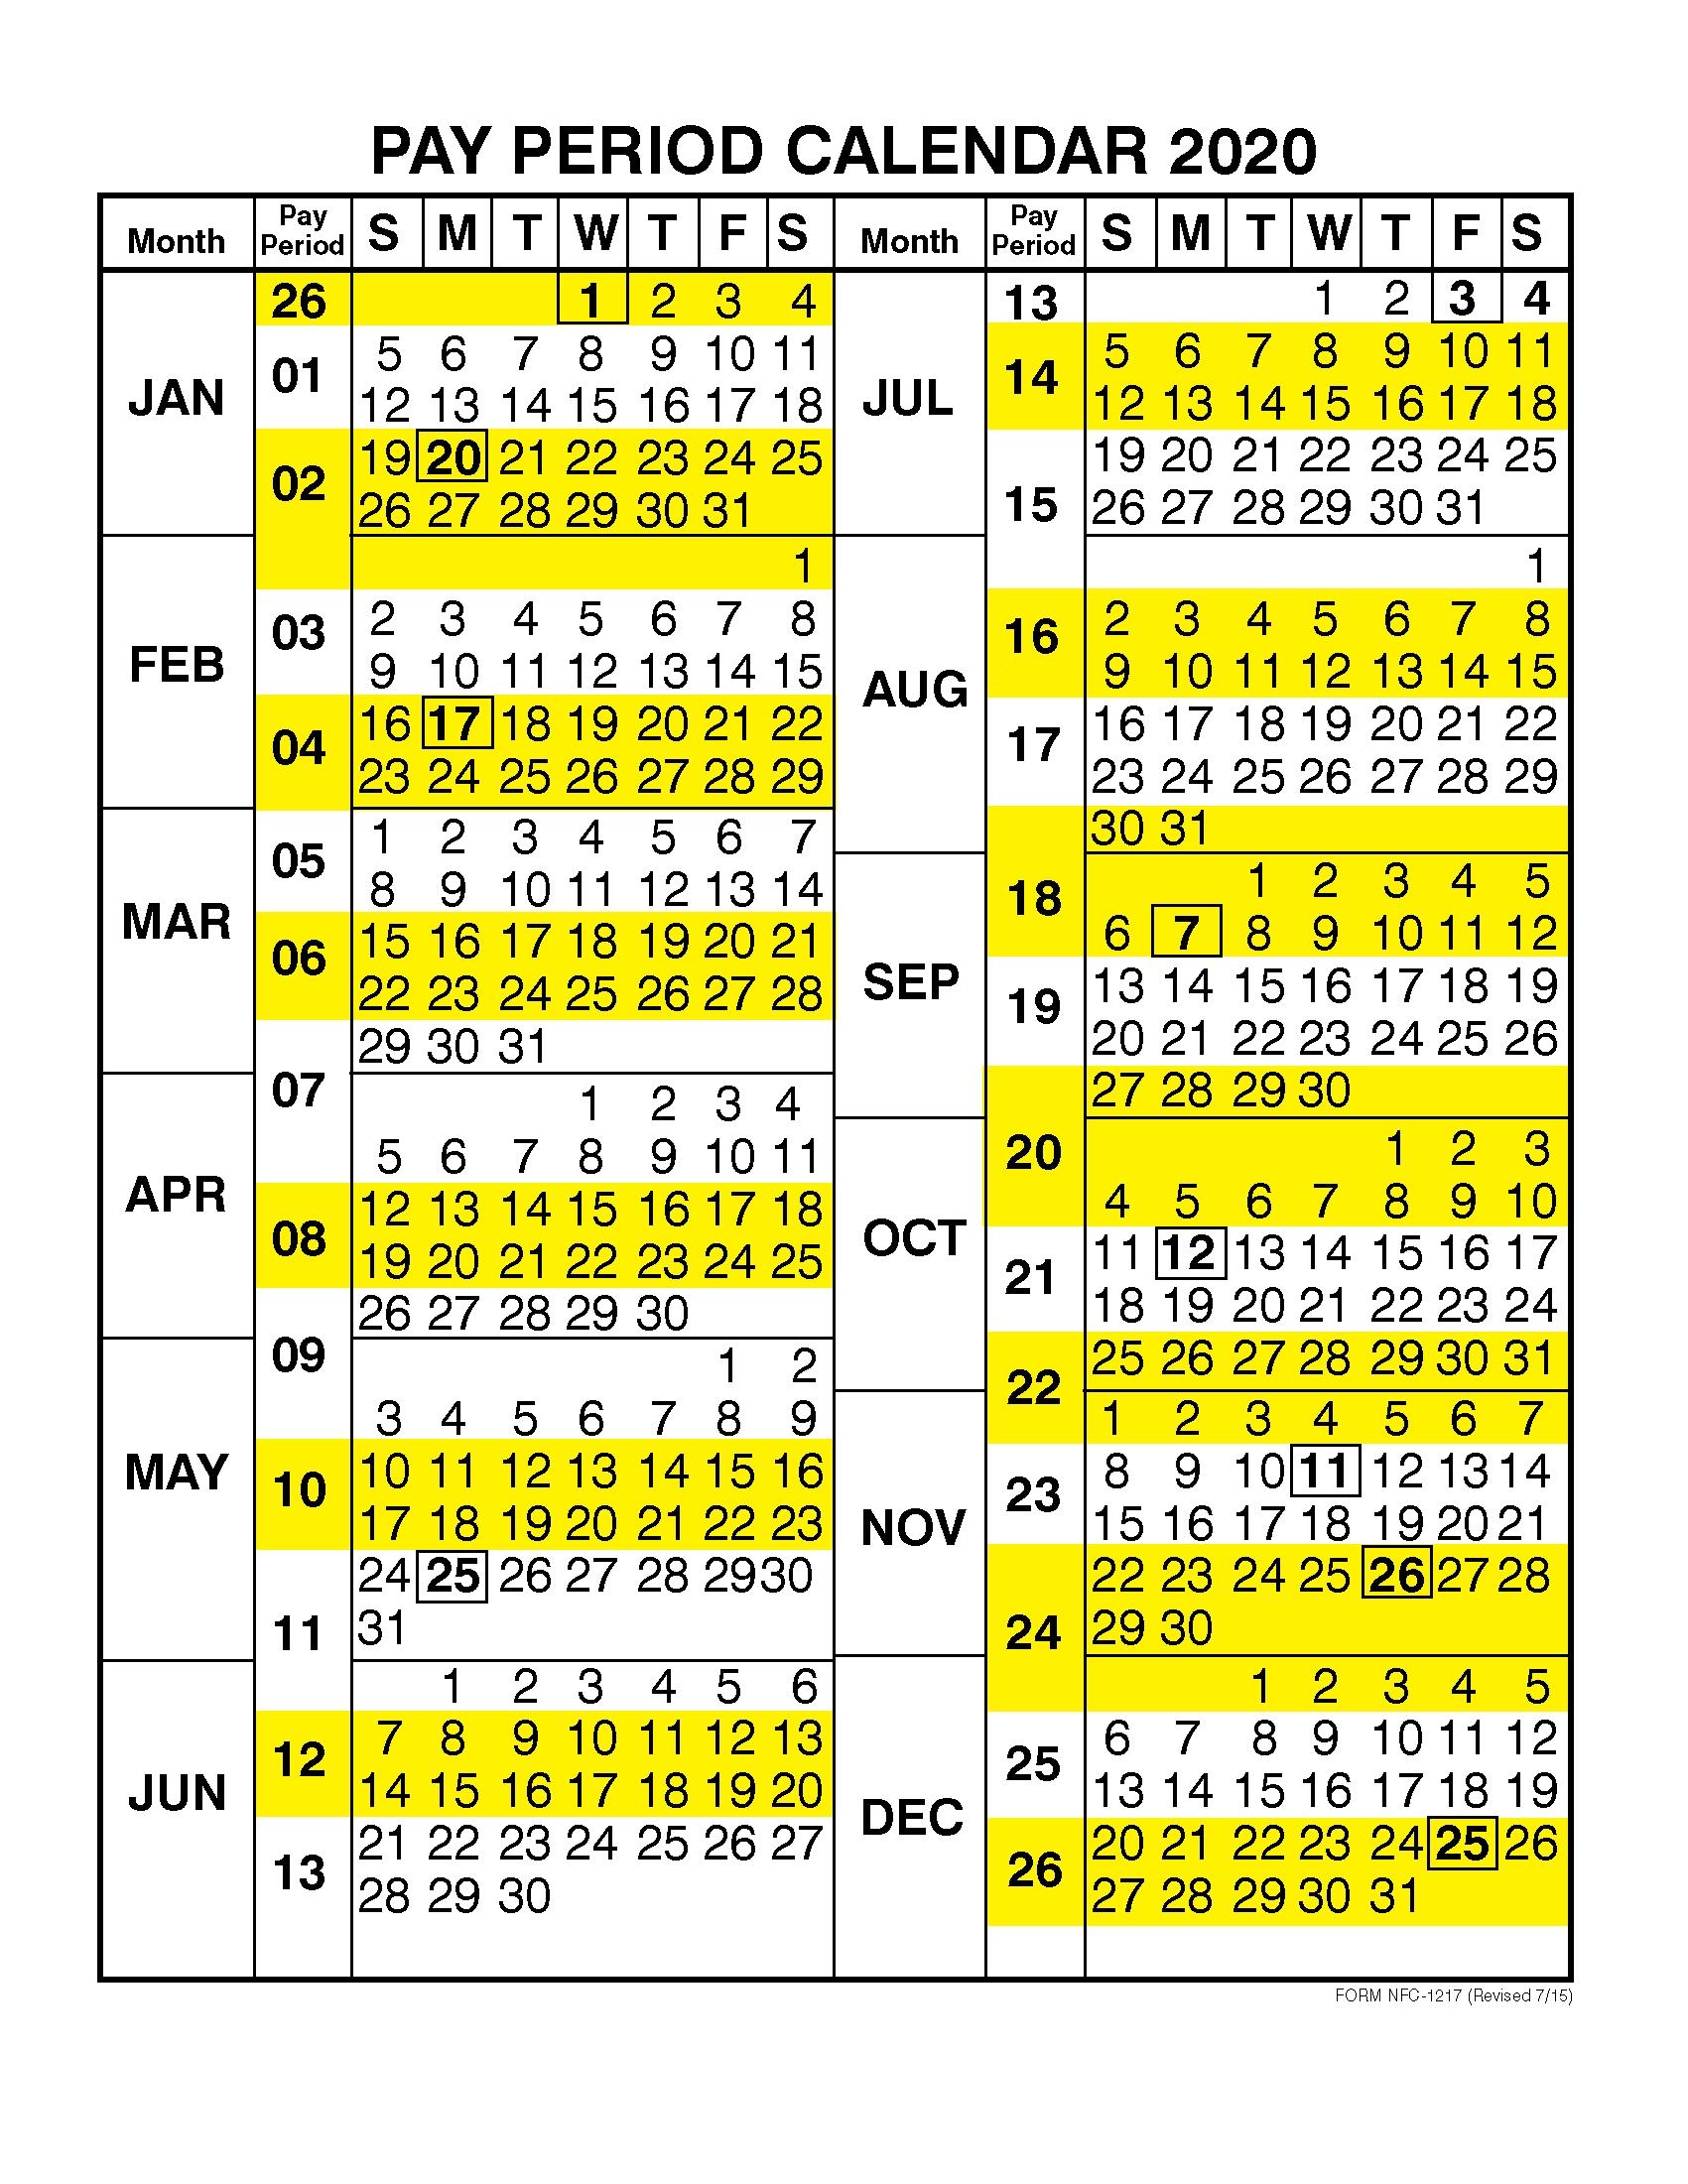 Csulb Payroll Calendar 2021 | 2021 Pay Periods Calendar